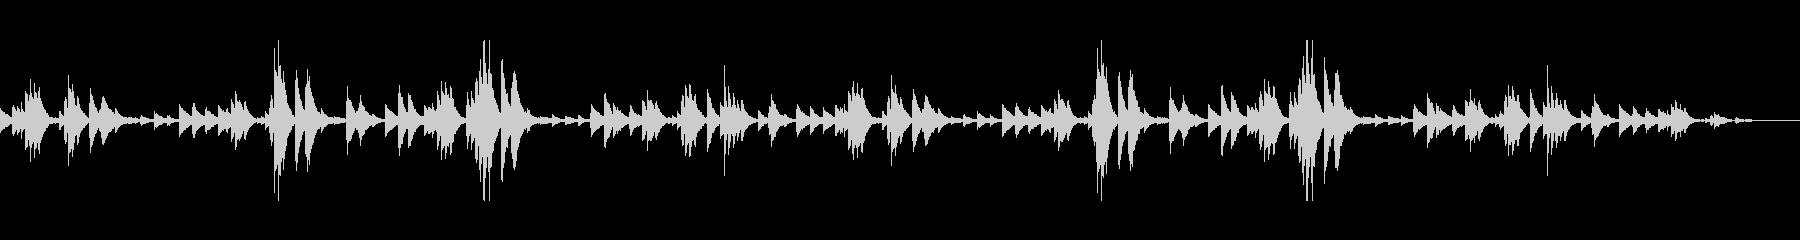 眠気を誘うピアノアンビエント(シンプル)の未再生の波形